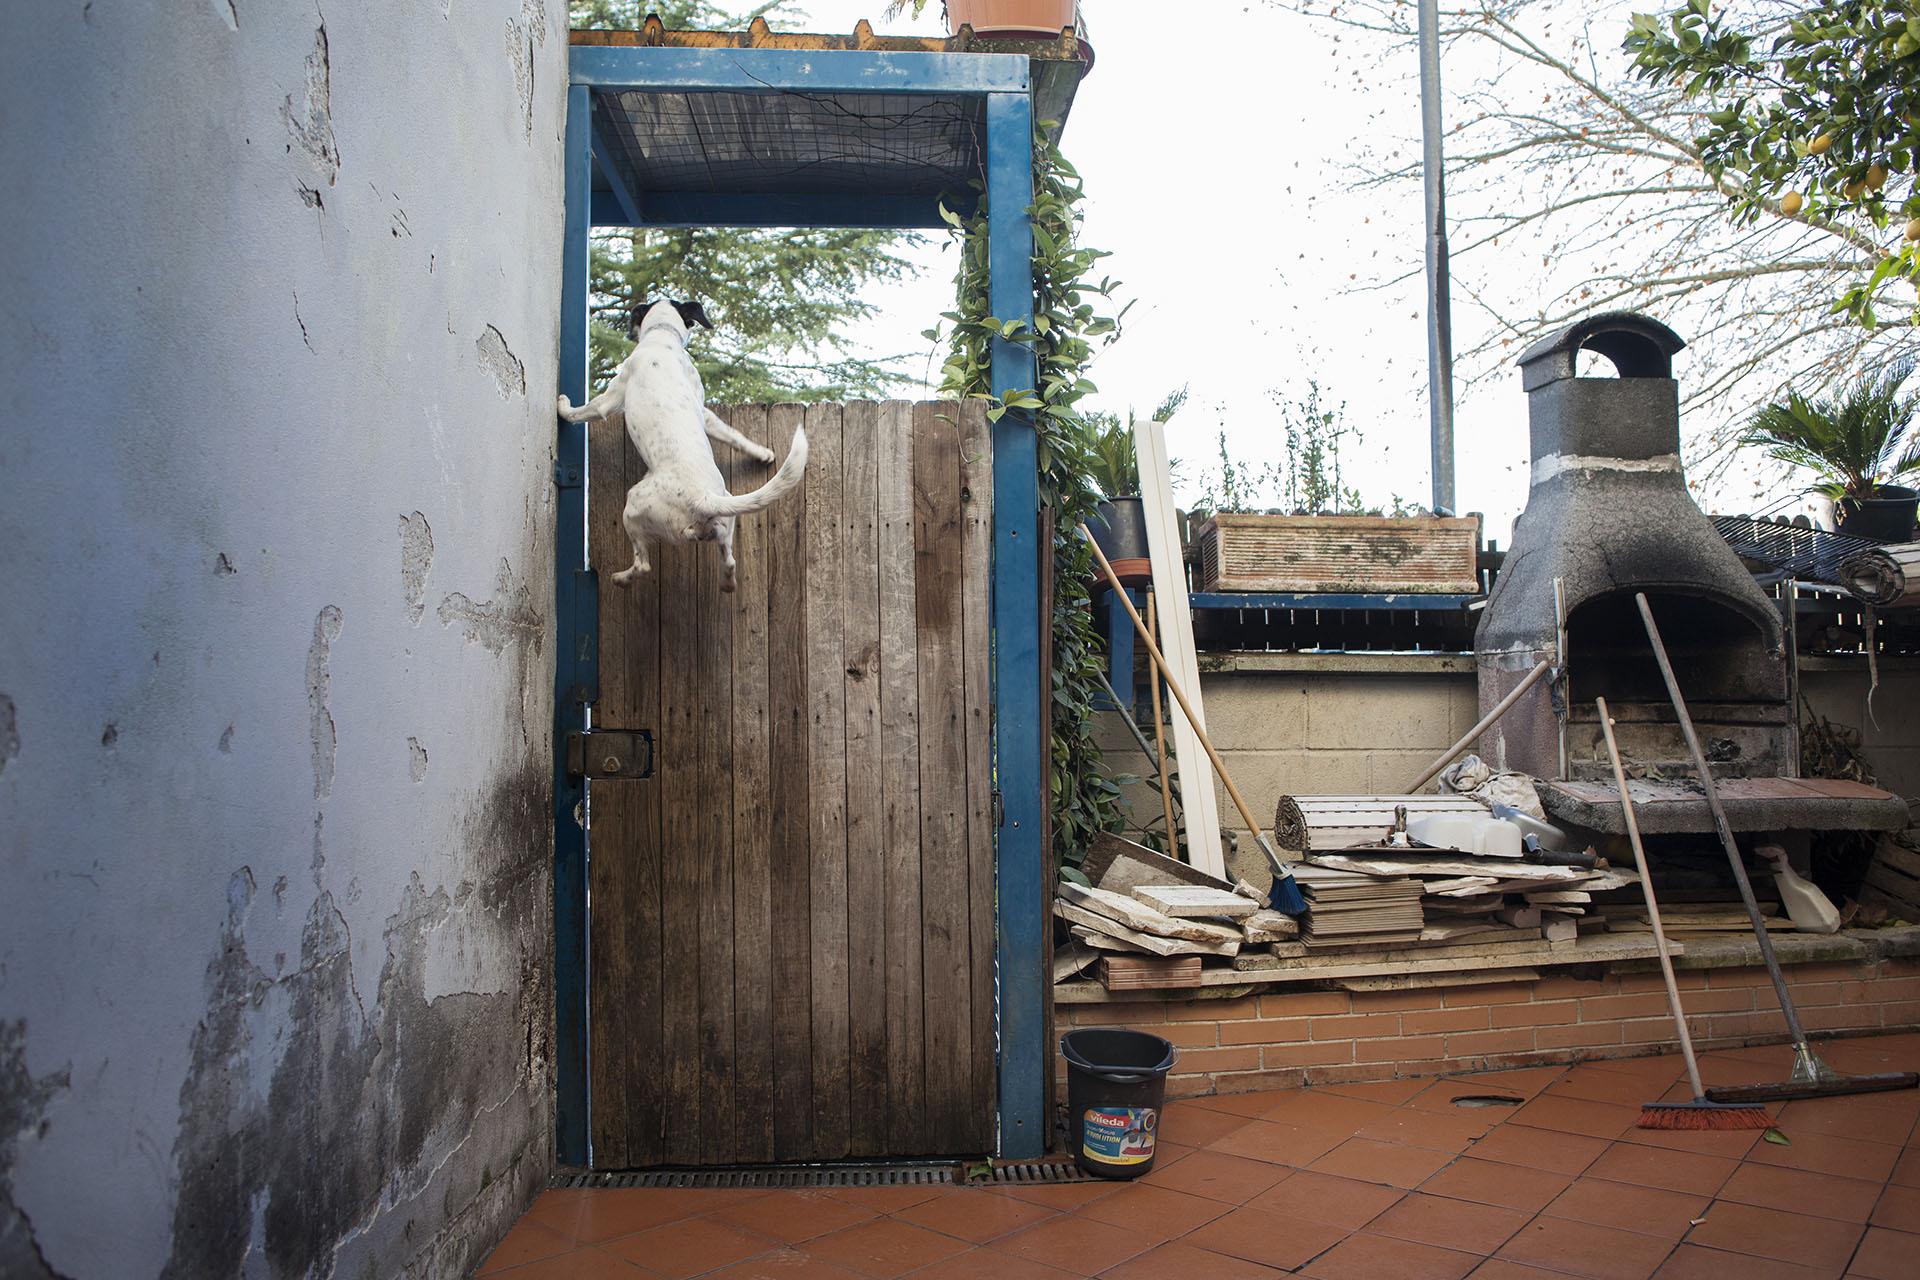 Letizia-Story-of-unseen-lives_ph_Danilo Garcia Di Meo_17